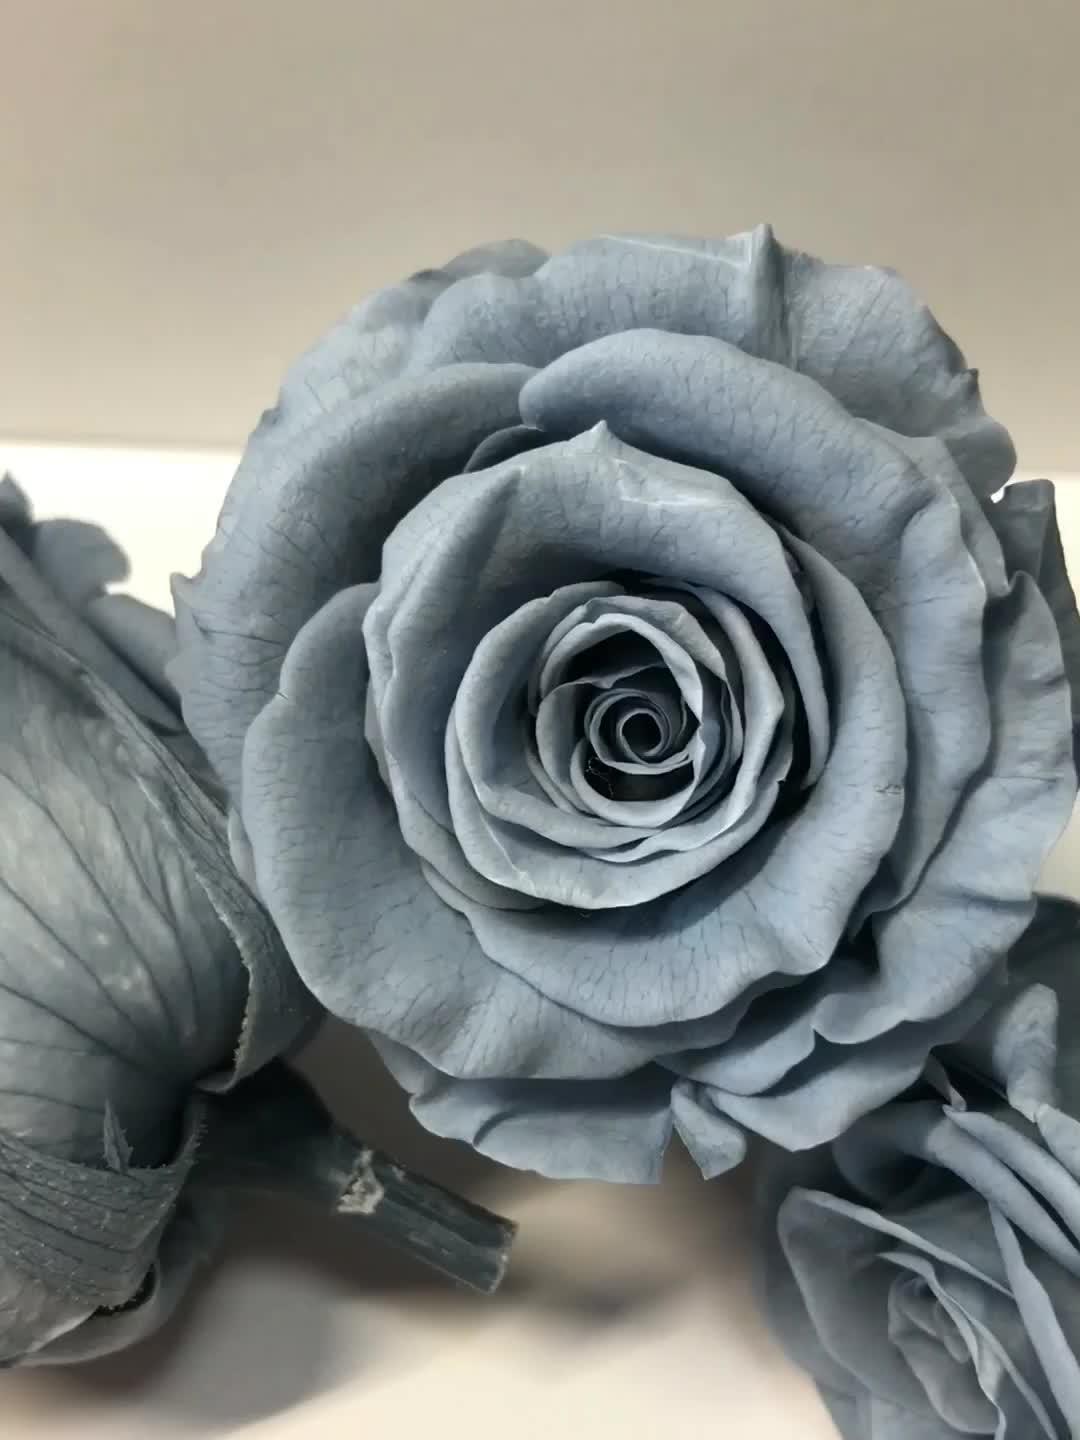 Preço de fábrica Diâmetro tamanho 4-5 CM Real Preservado Rosas Para Sempre Eterno Cinza Fumarento Yunnan FancyRose